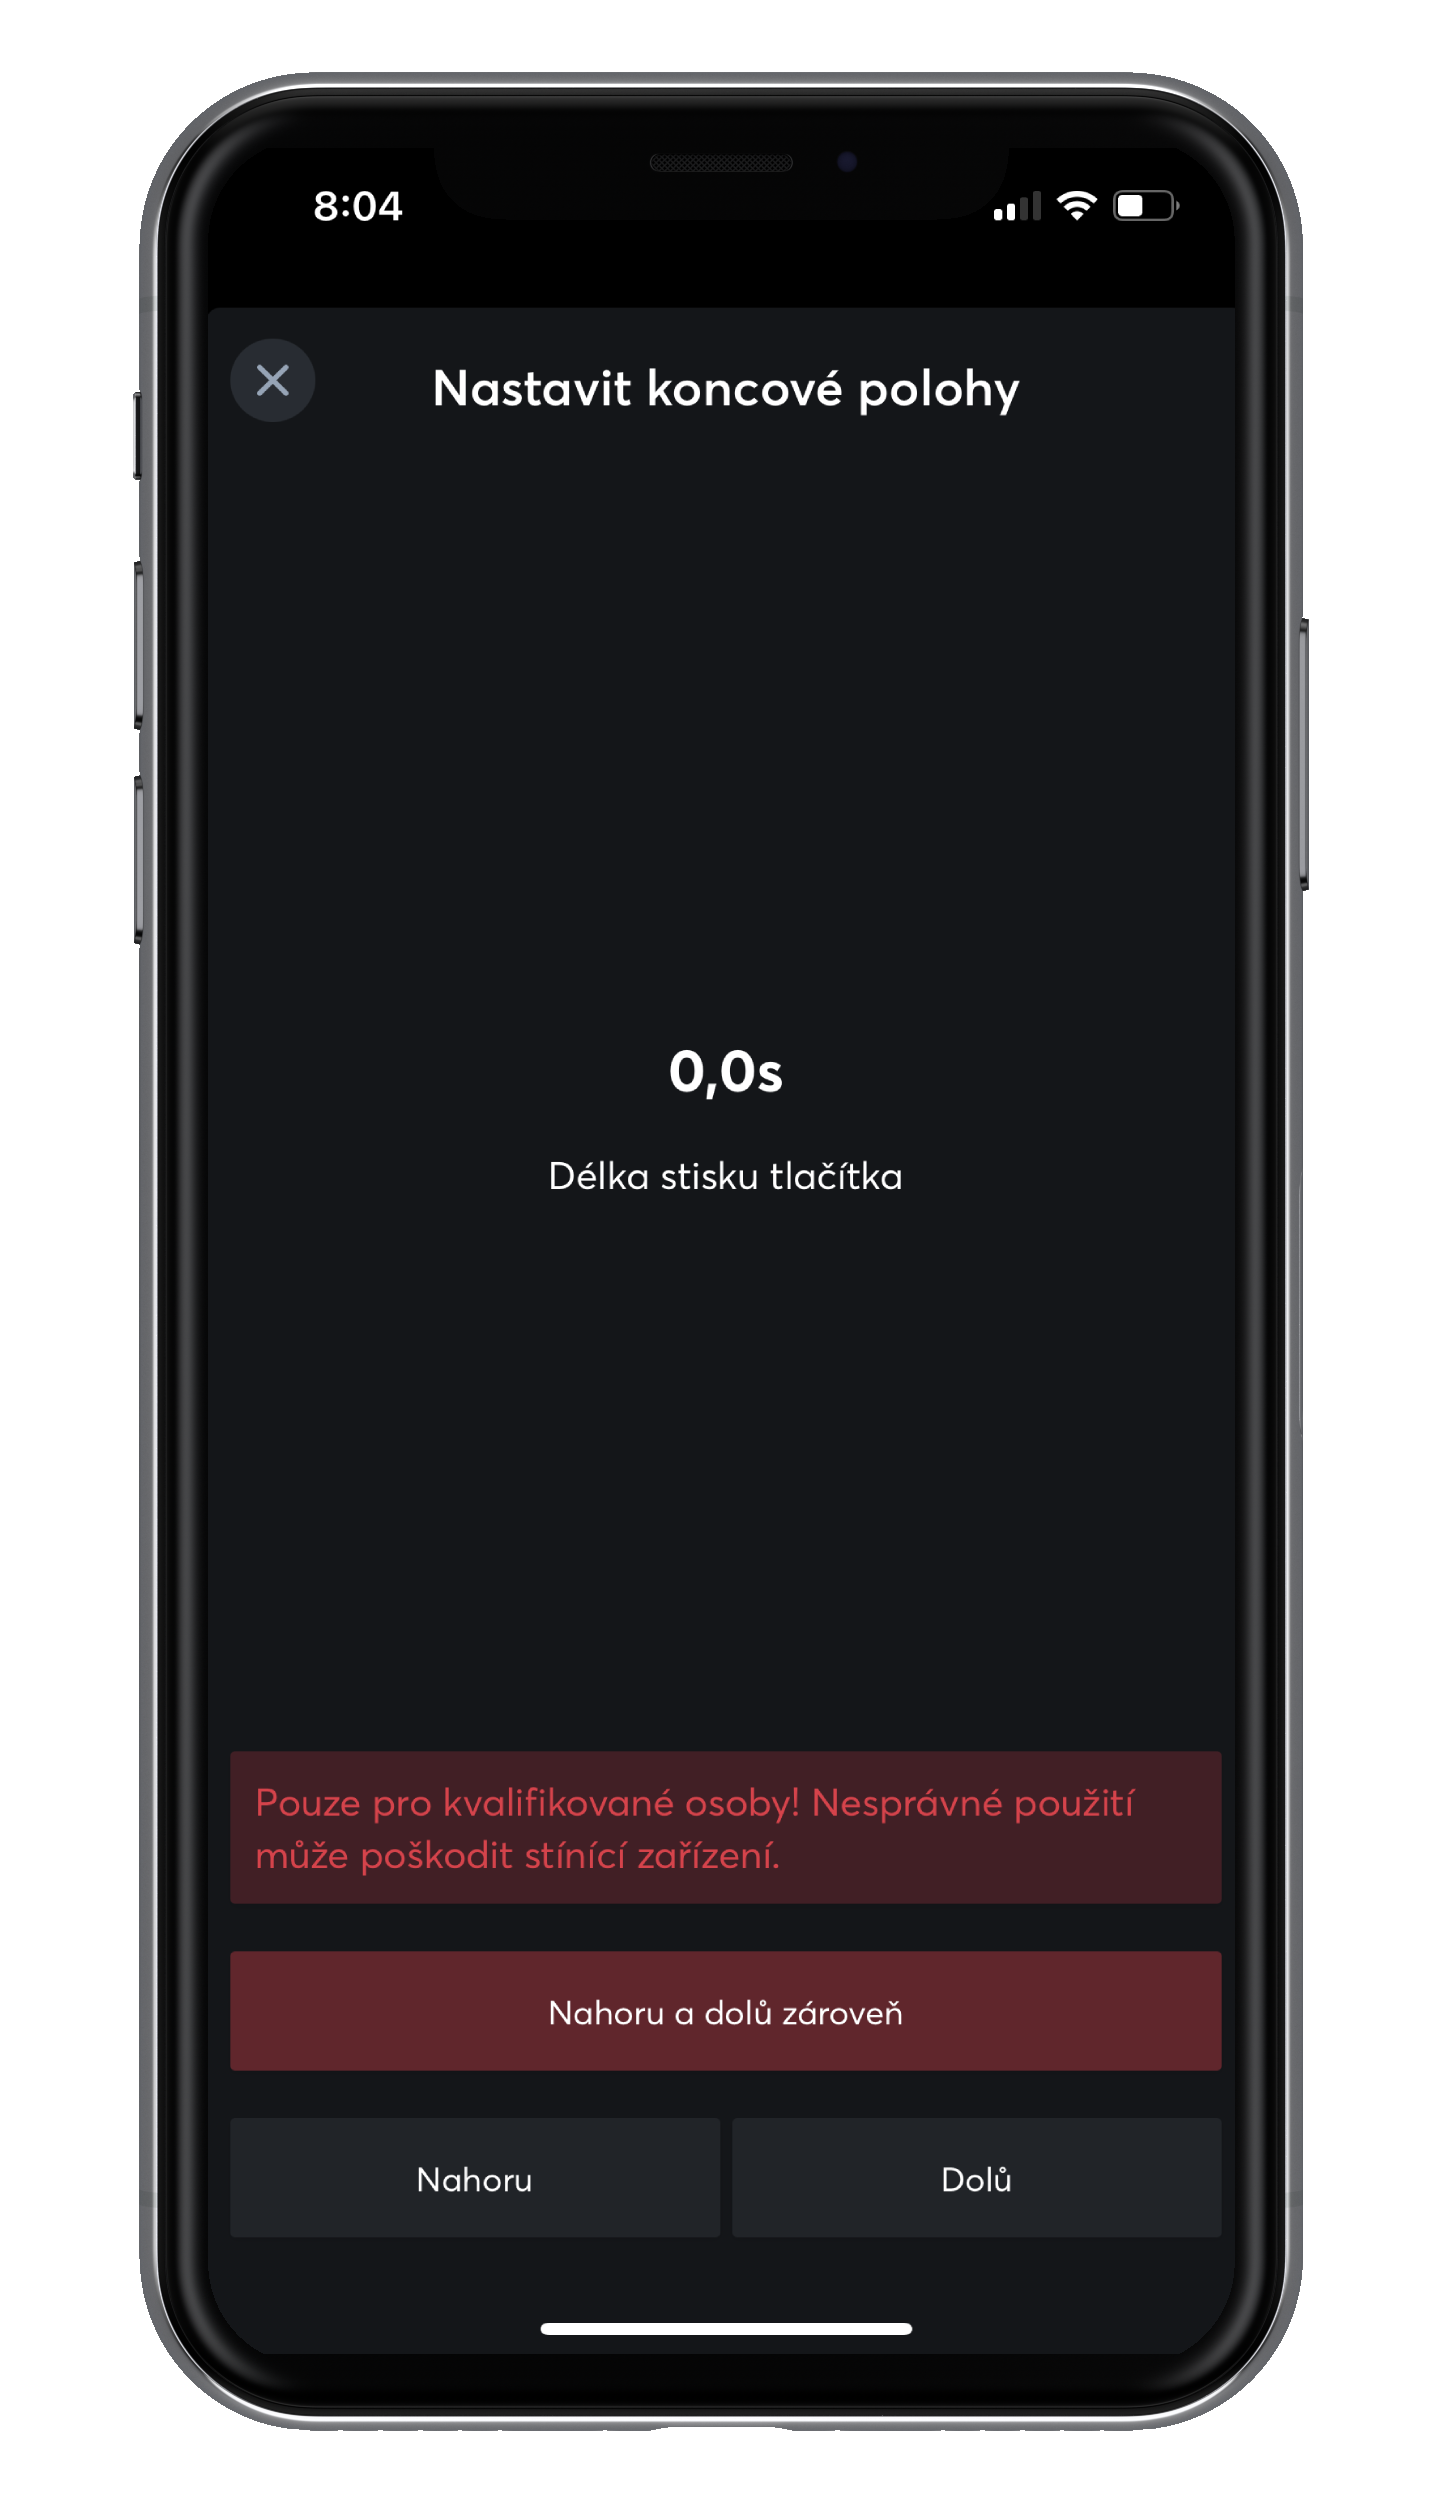 Nastavení koncových poloh v App